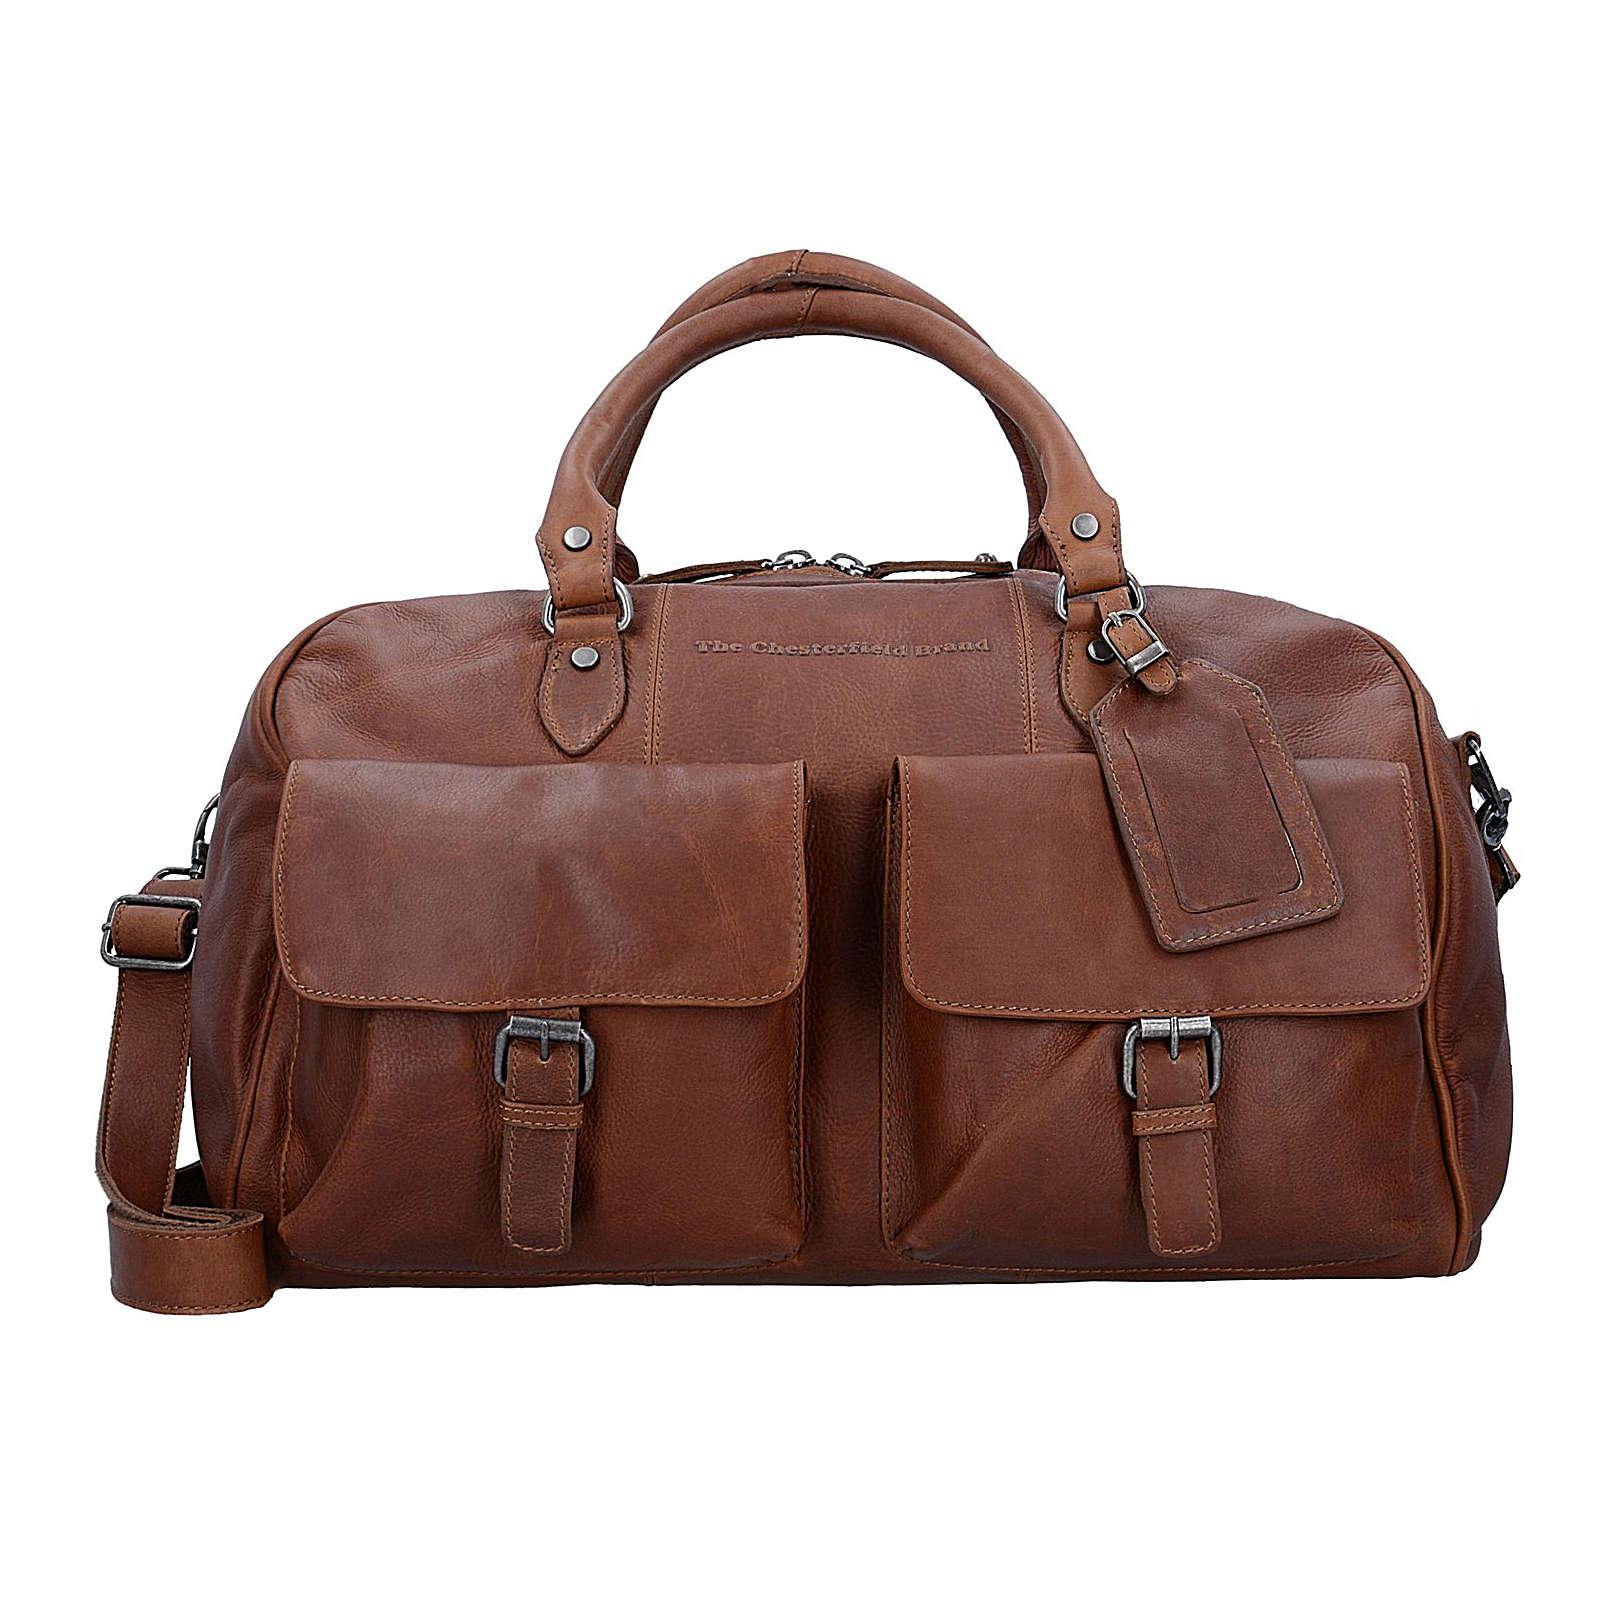 The Chesterfield Brand Wax Pull Up Wesley Weekender Reisetasche Leder 45 cm Reisetaschen braun Damen